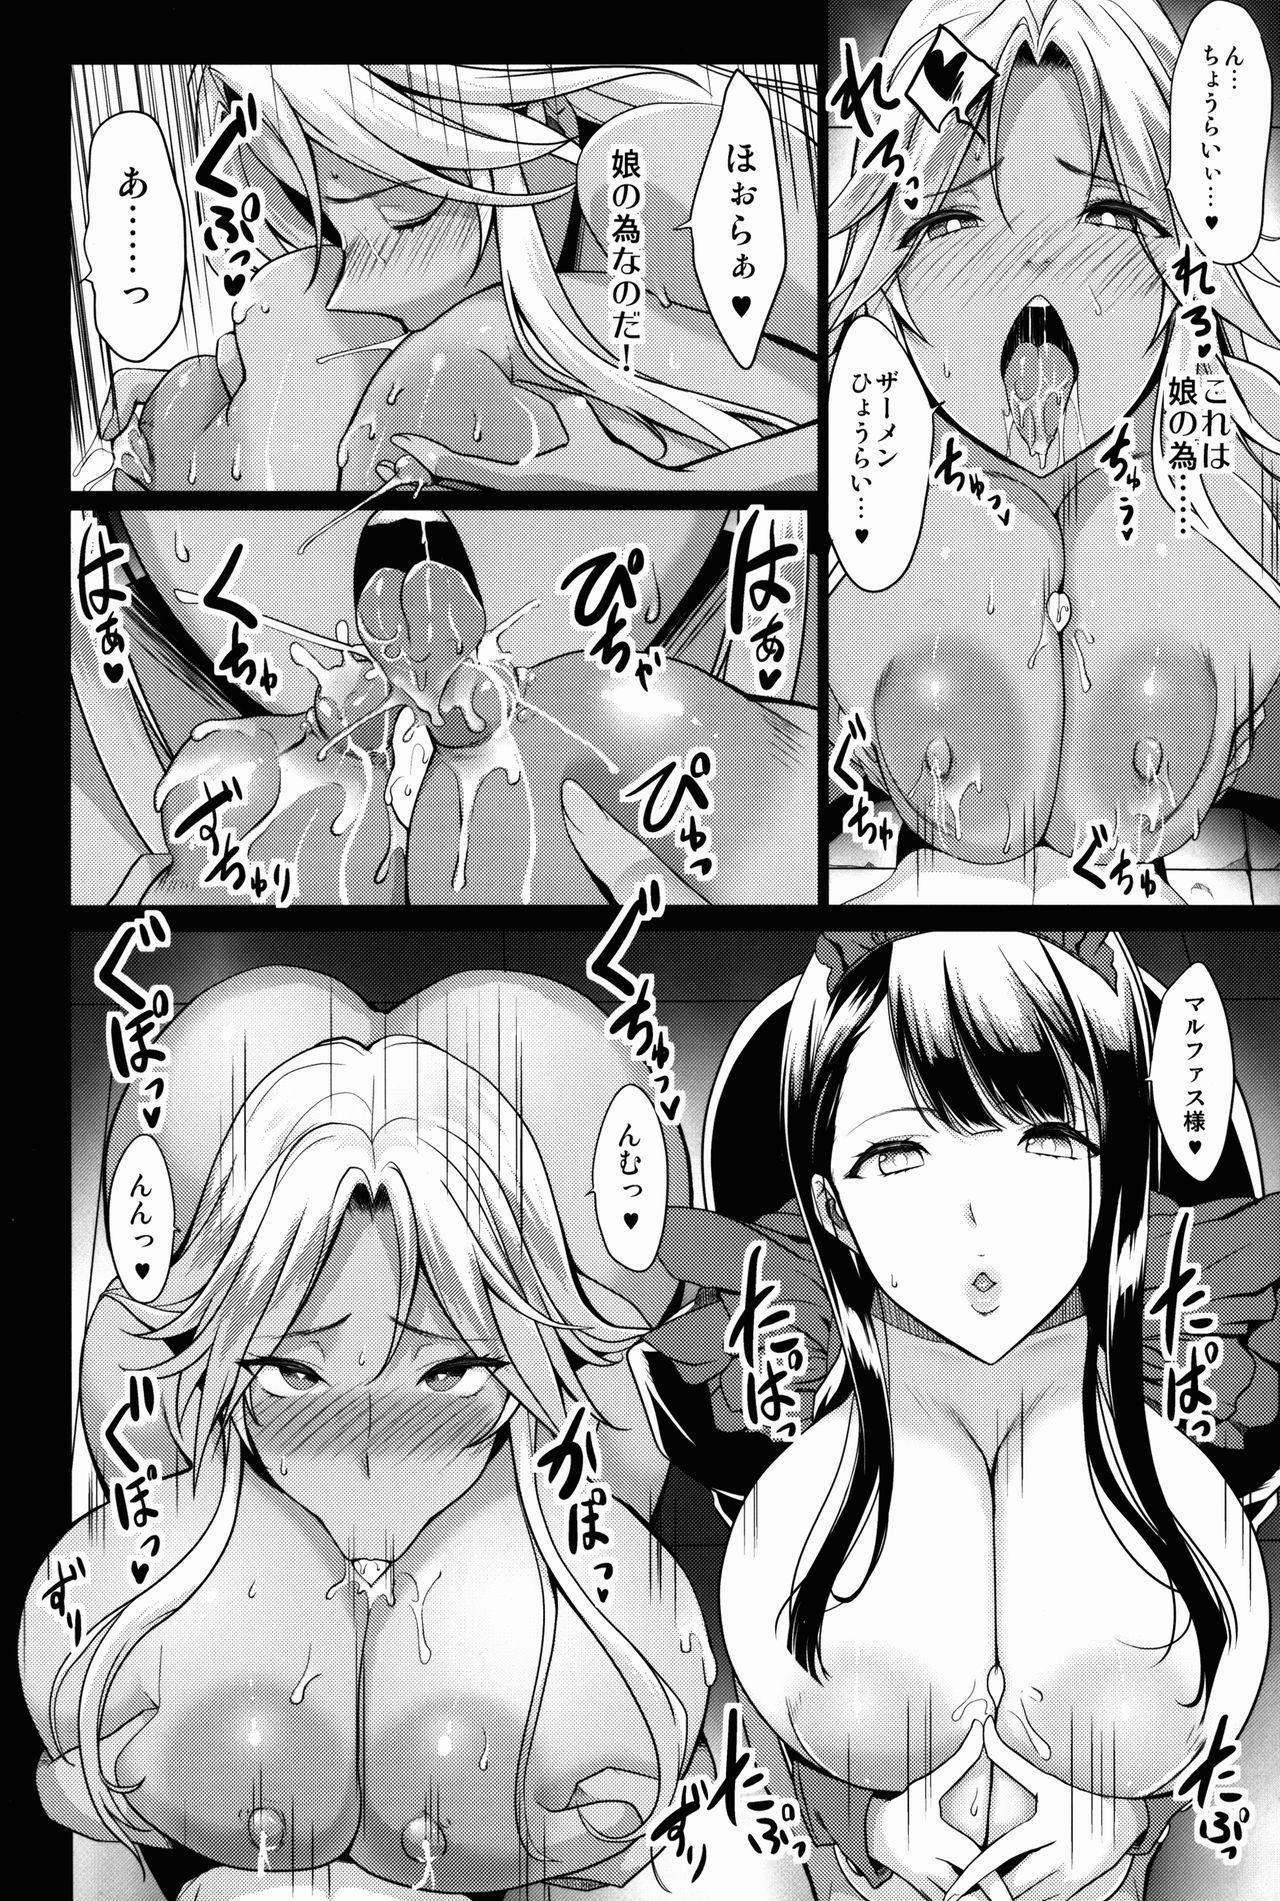 Shota Koutei Kyoudai ni Torawareta Bakunyuu Onna Kishi 2 11